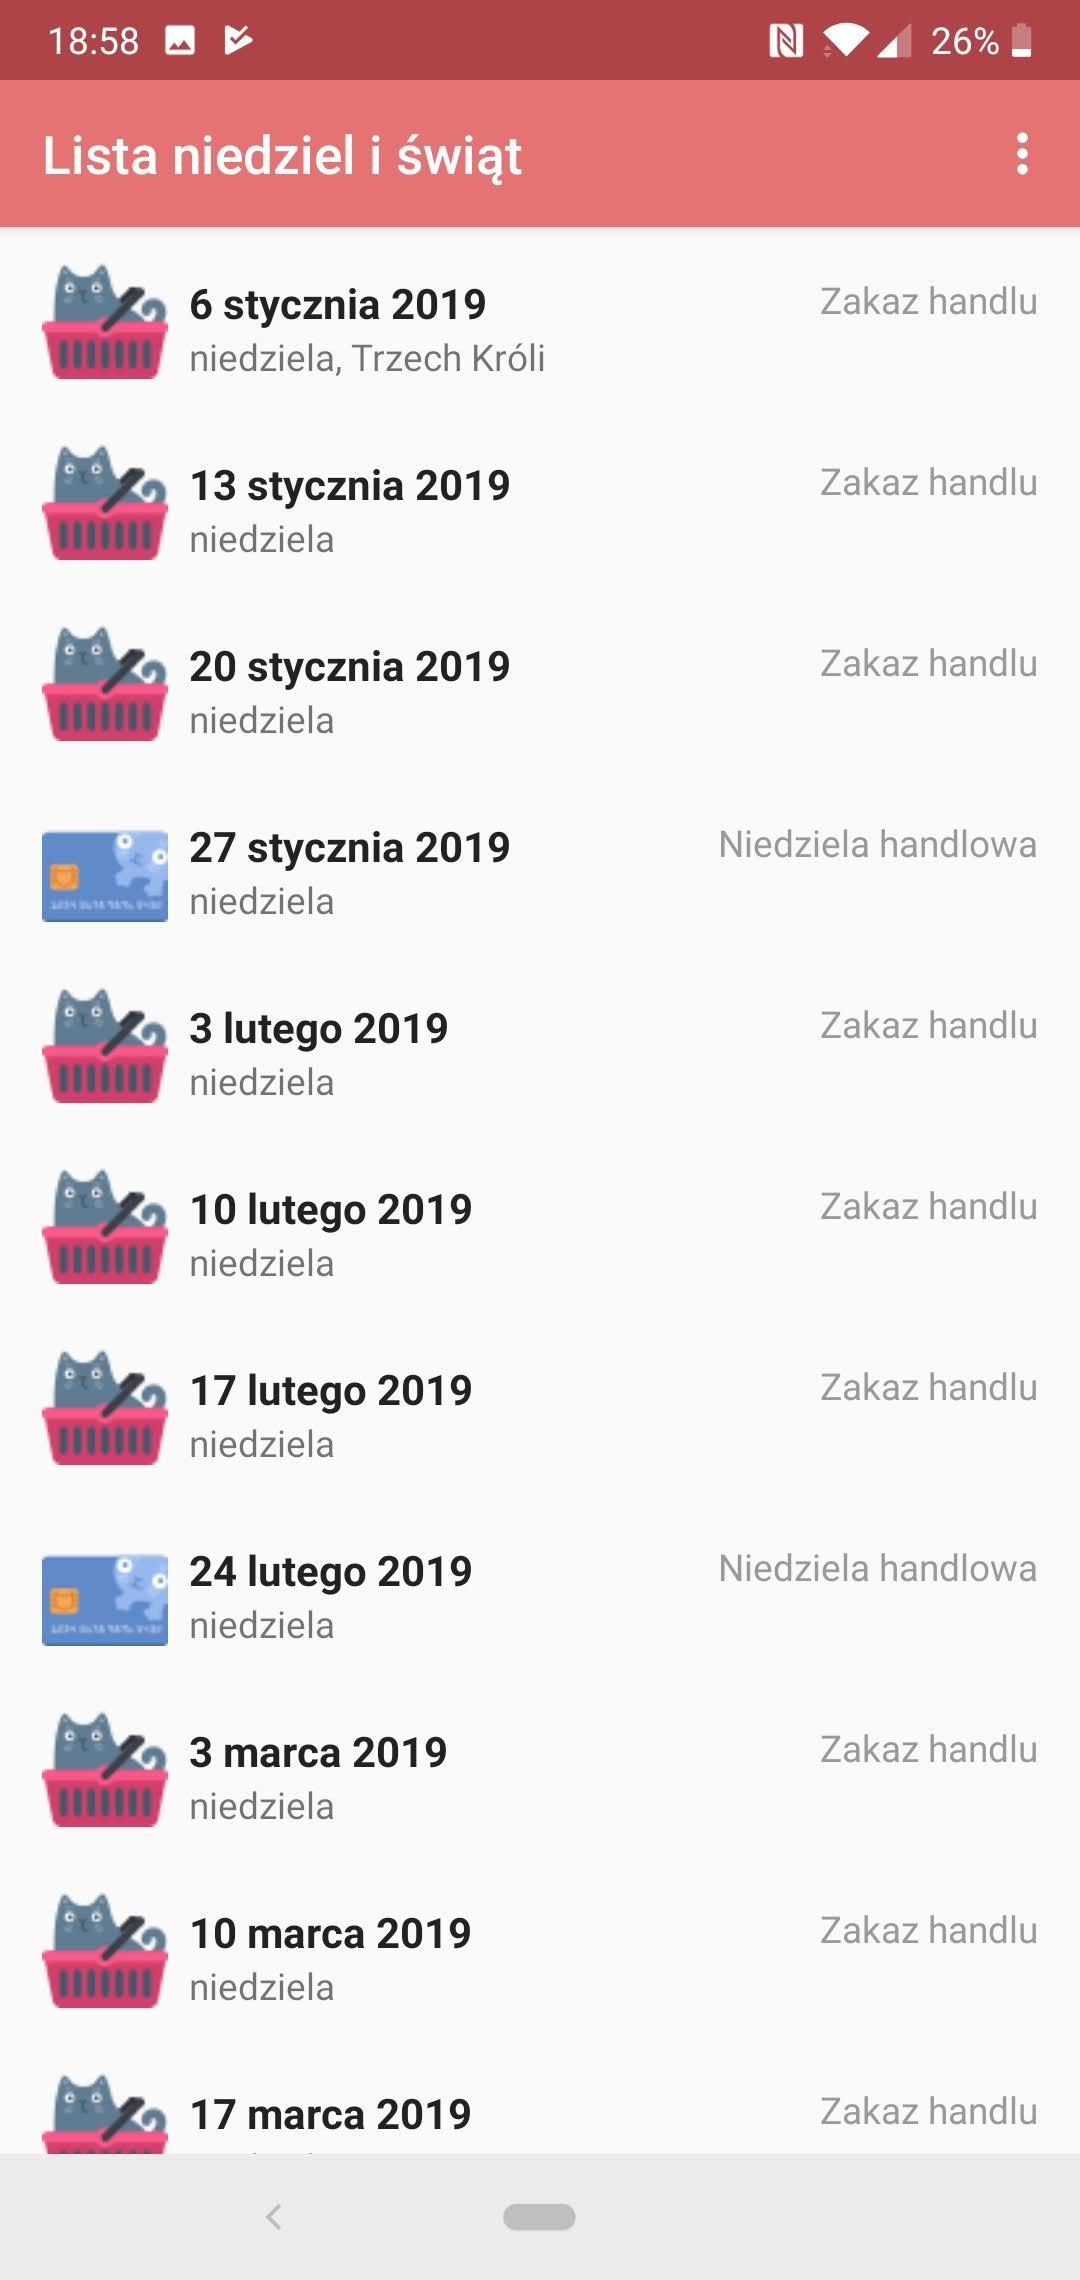 Lista niedziel handlowych w 2019 r.